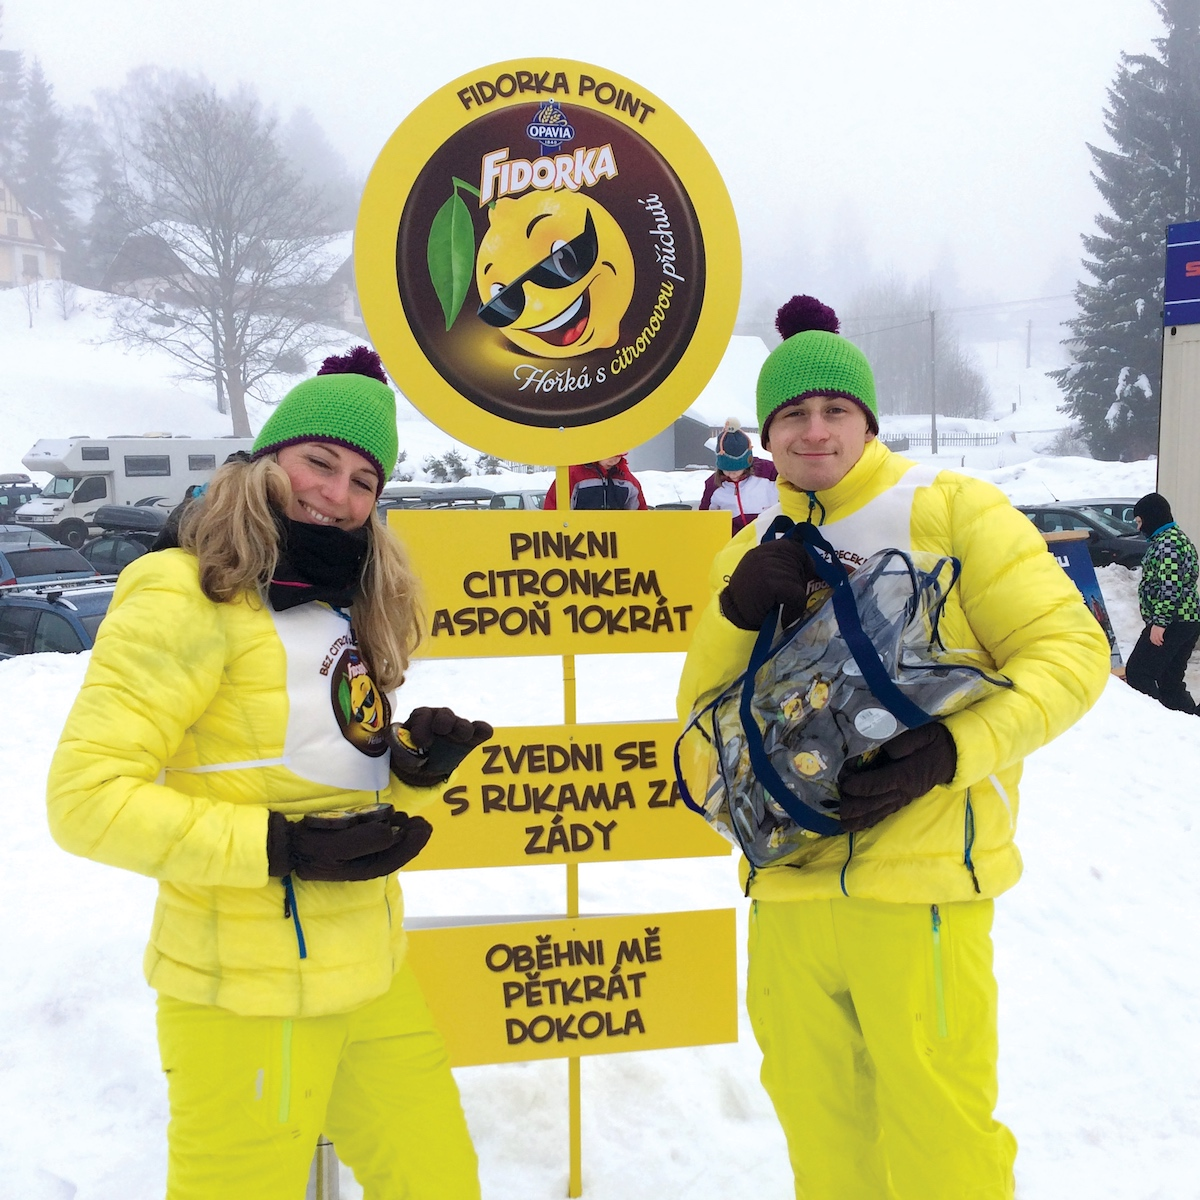 Citronovou fidorku získají návštěvníci středisek za fyzické úkony